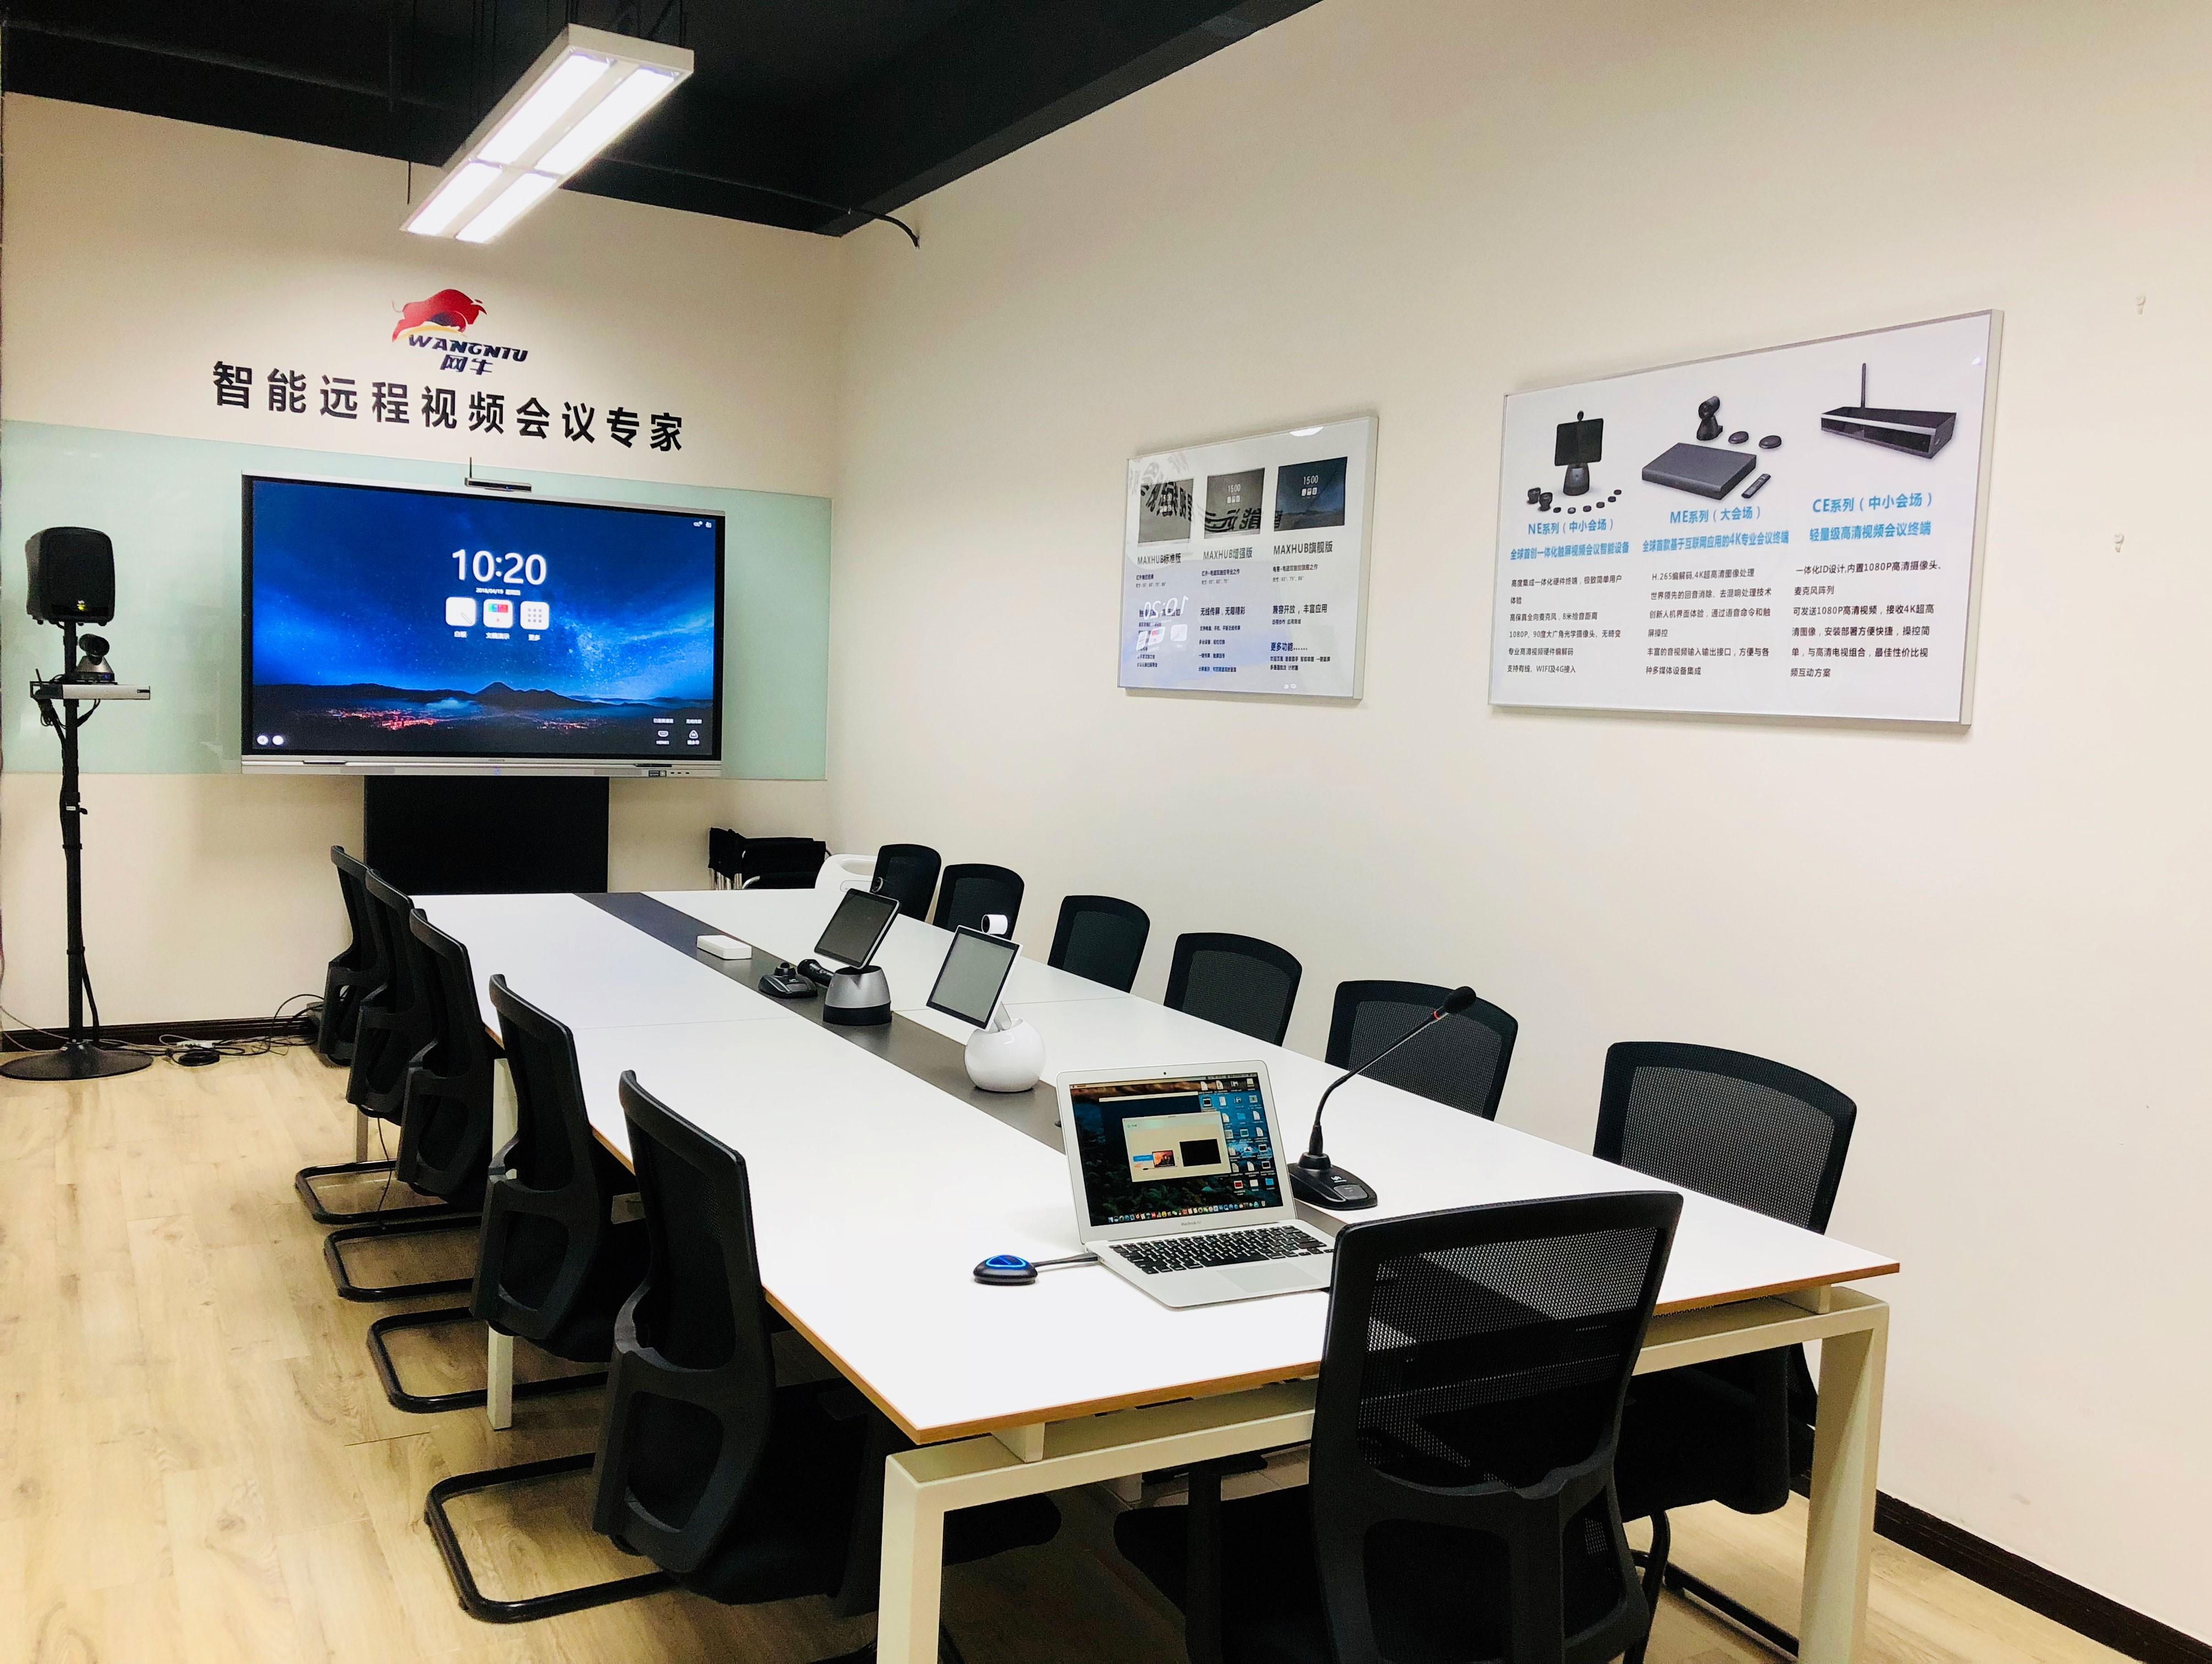 四川MAXHUB智能会议平板体验试用,预约中!